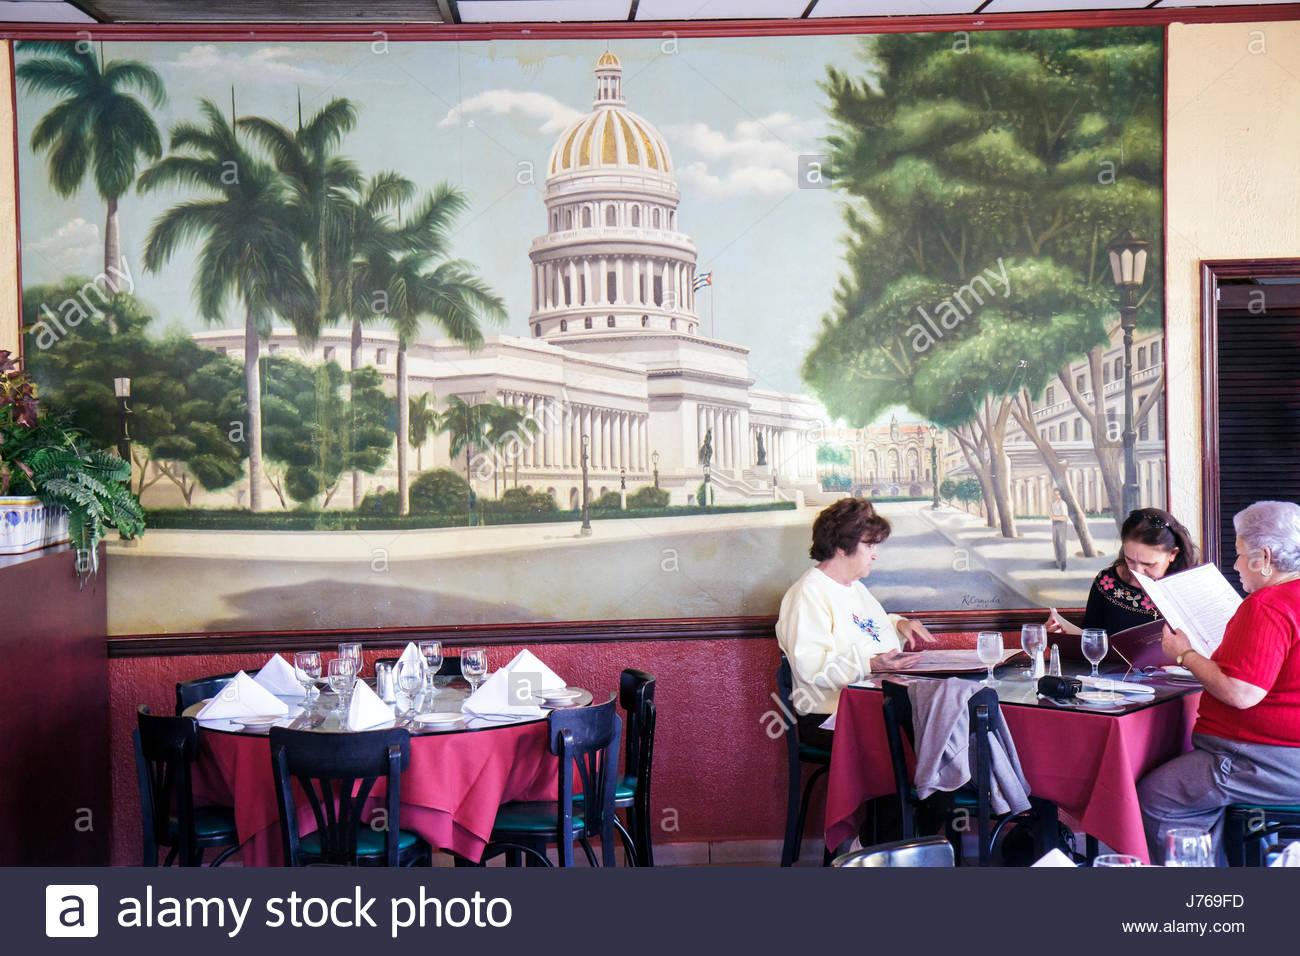 Cuban People Eating Stock Photos & Cuban People Eating Stock